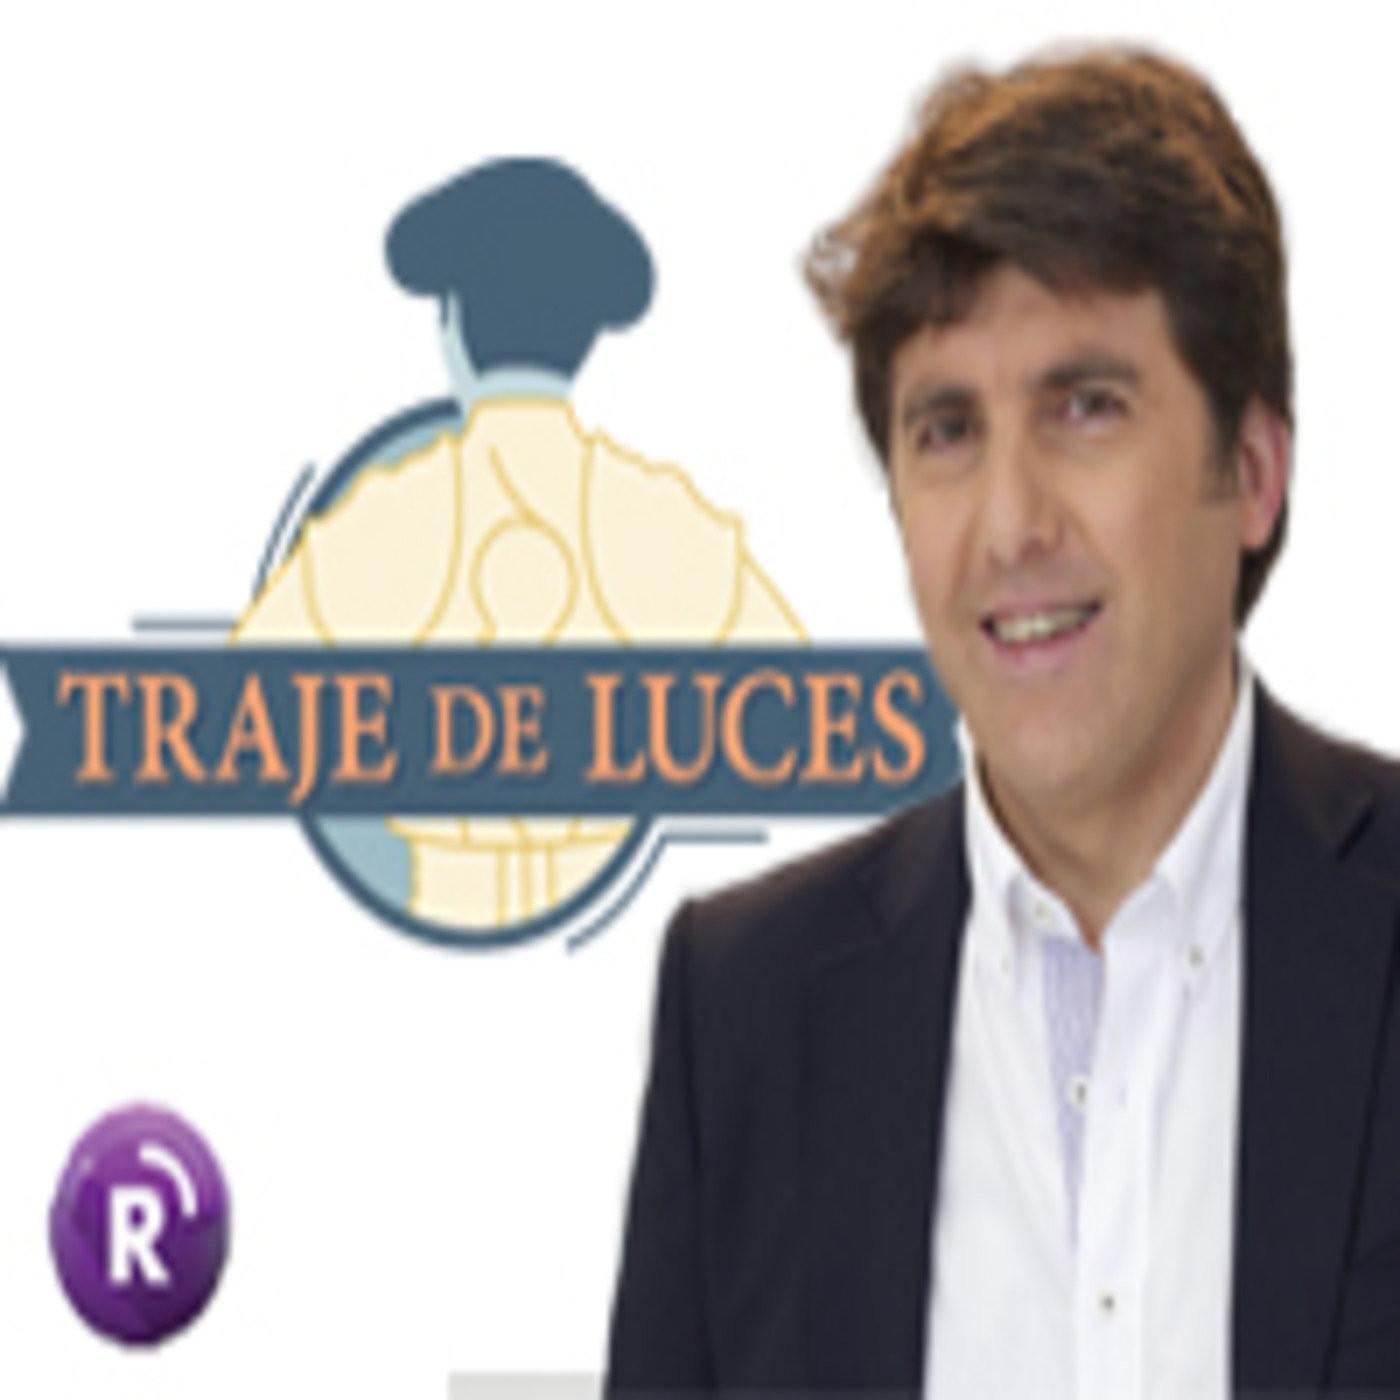 Traje de Luces (28/09/2014)